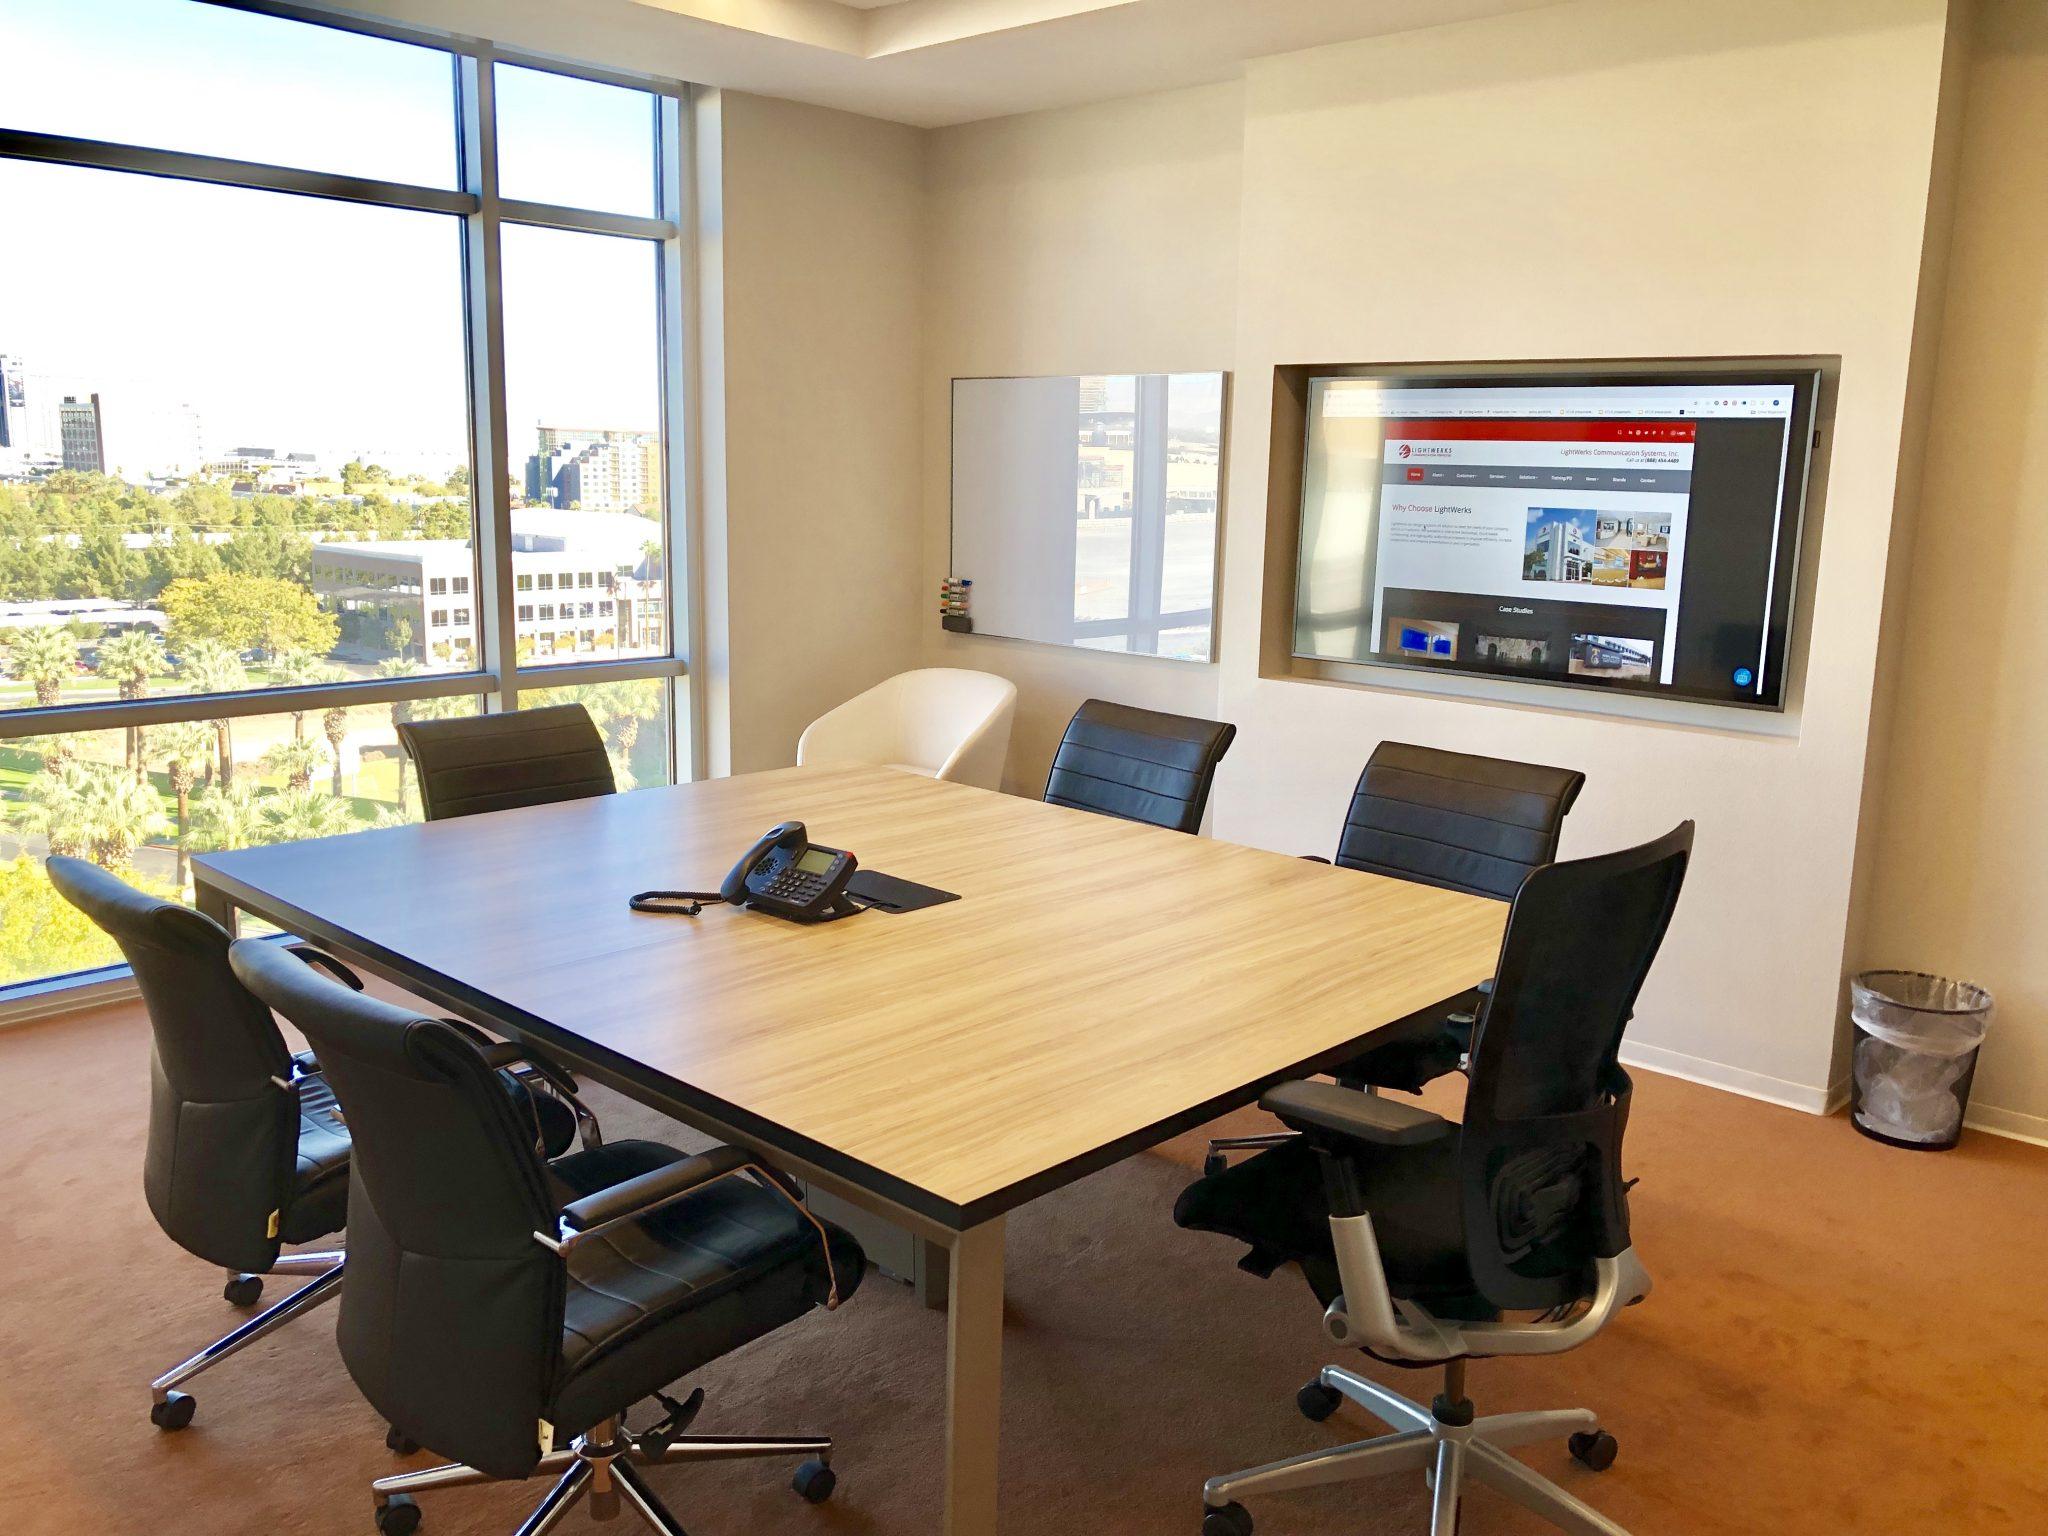 meetingroom AV